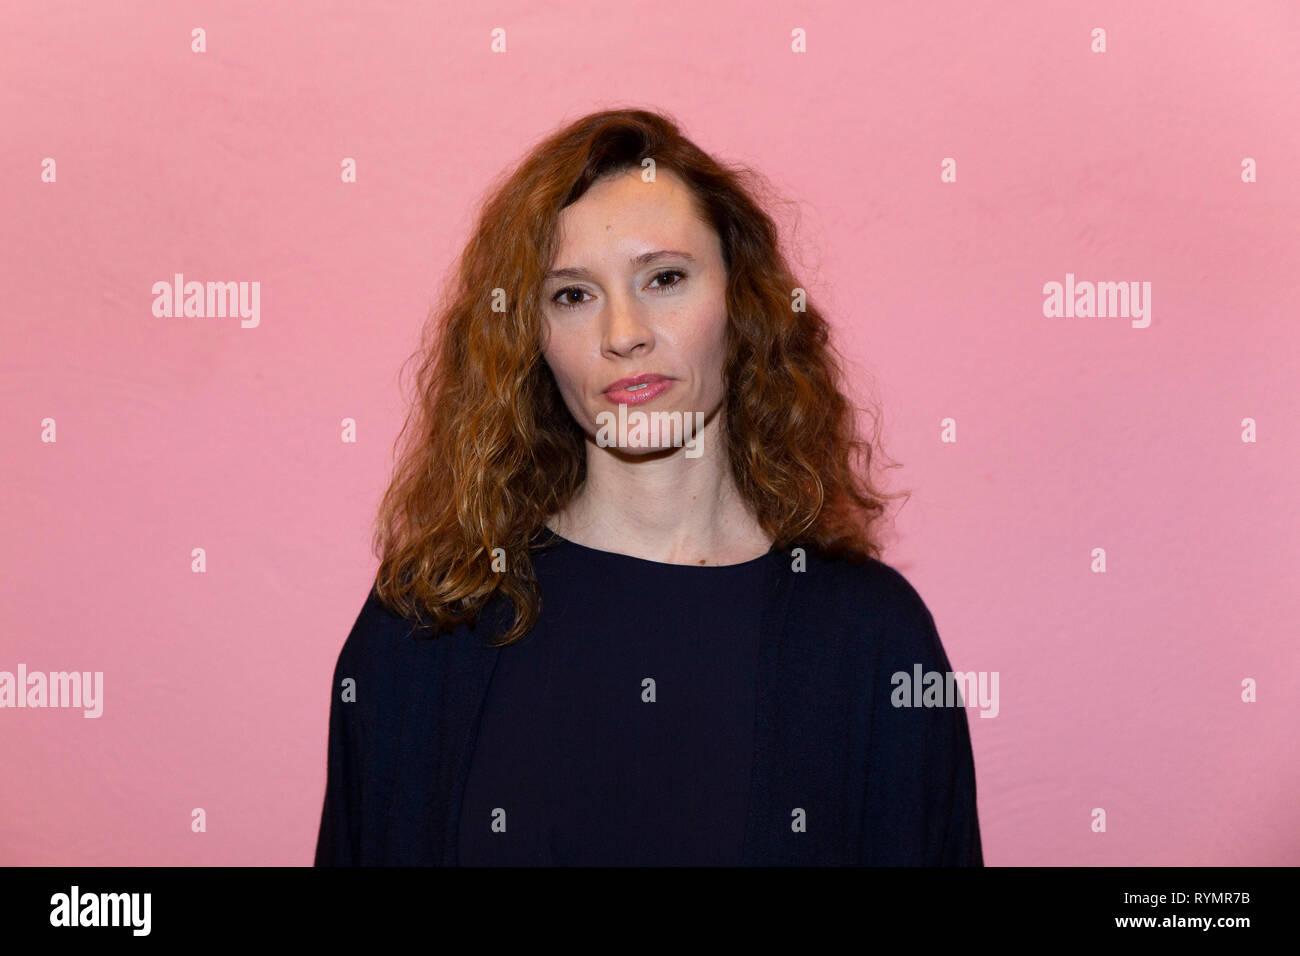 Christine Repond bei der Premiere Film Vakuum, Schauspiel Köln, Köln, 13.03.2019 - Stock Image